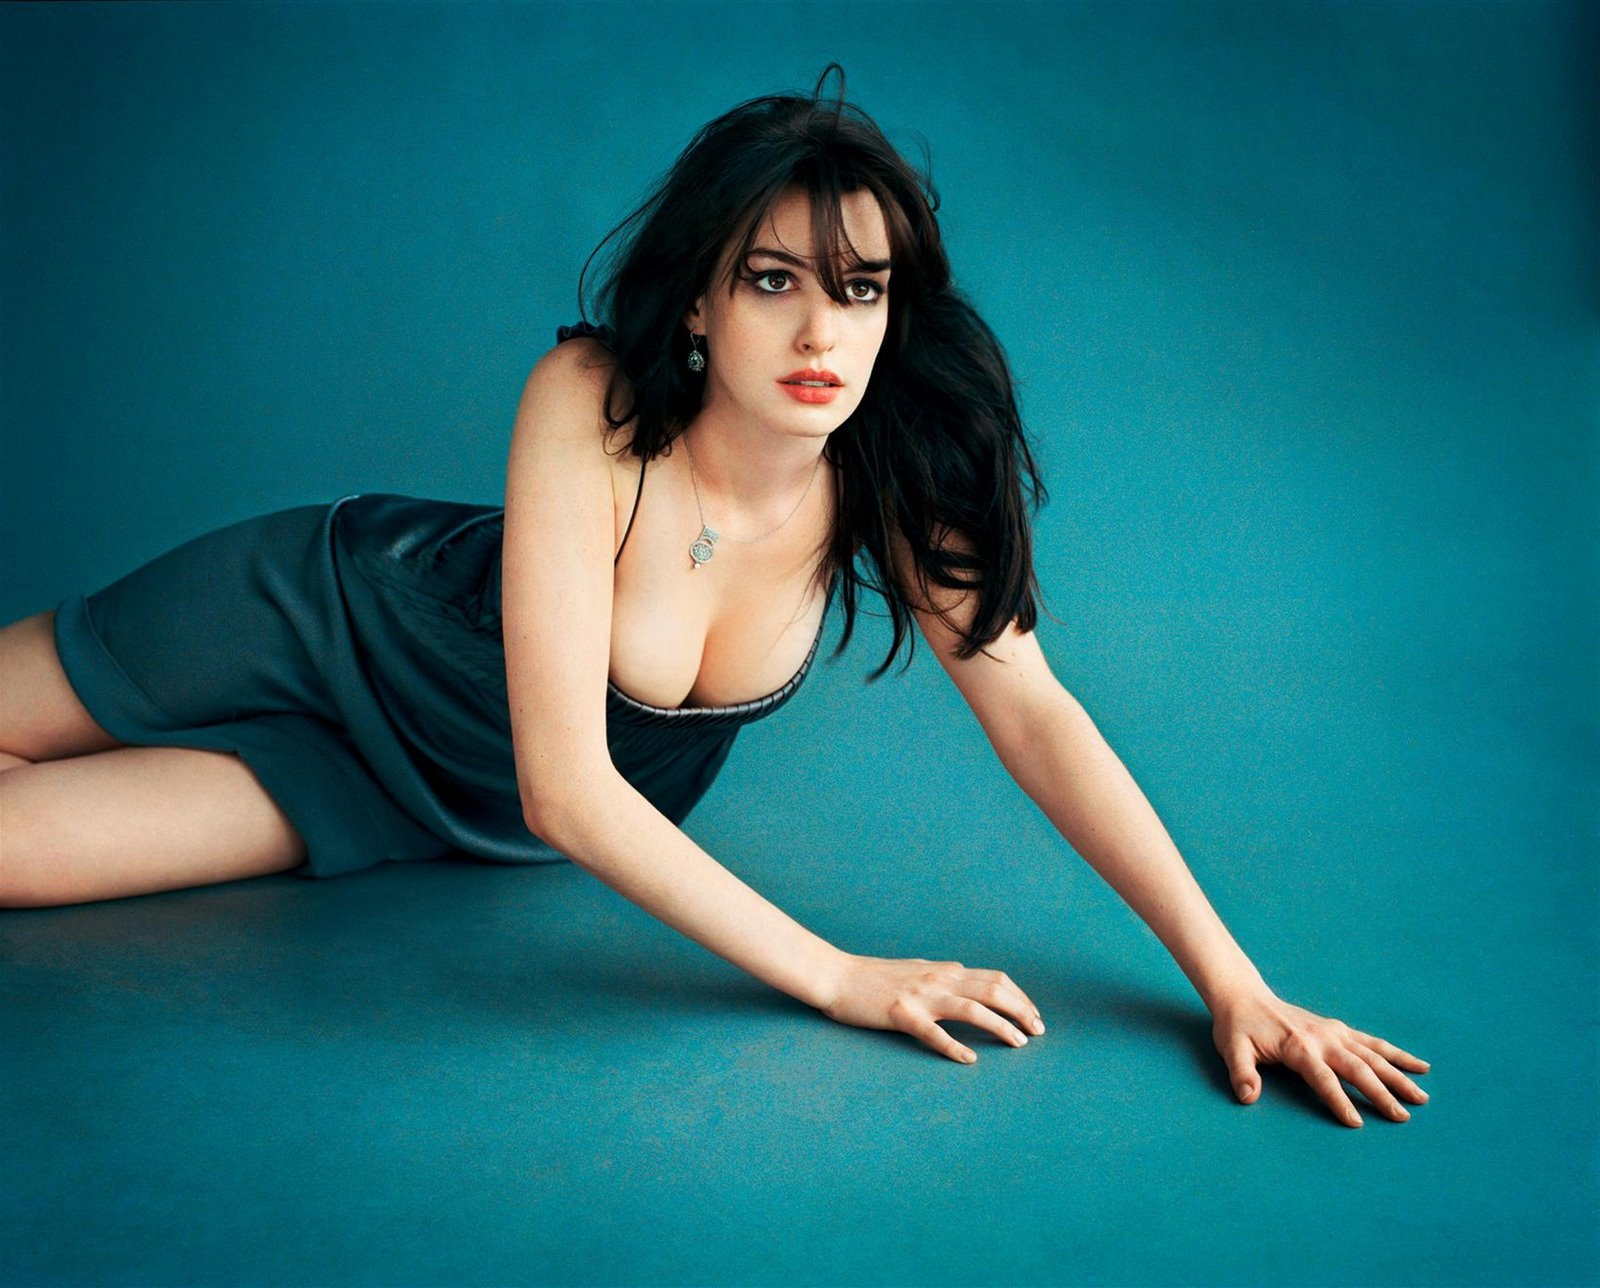 Erotic photos photos 31